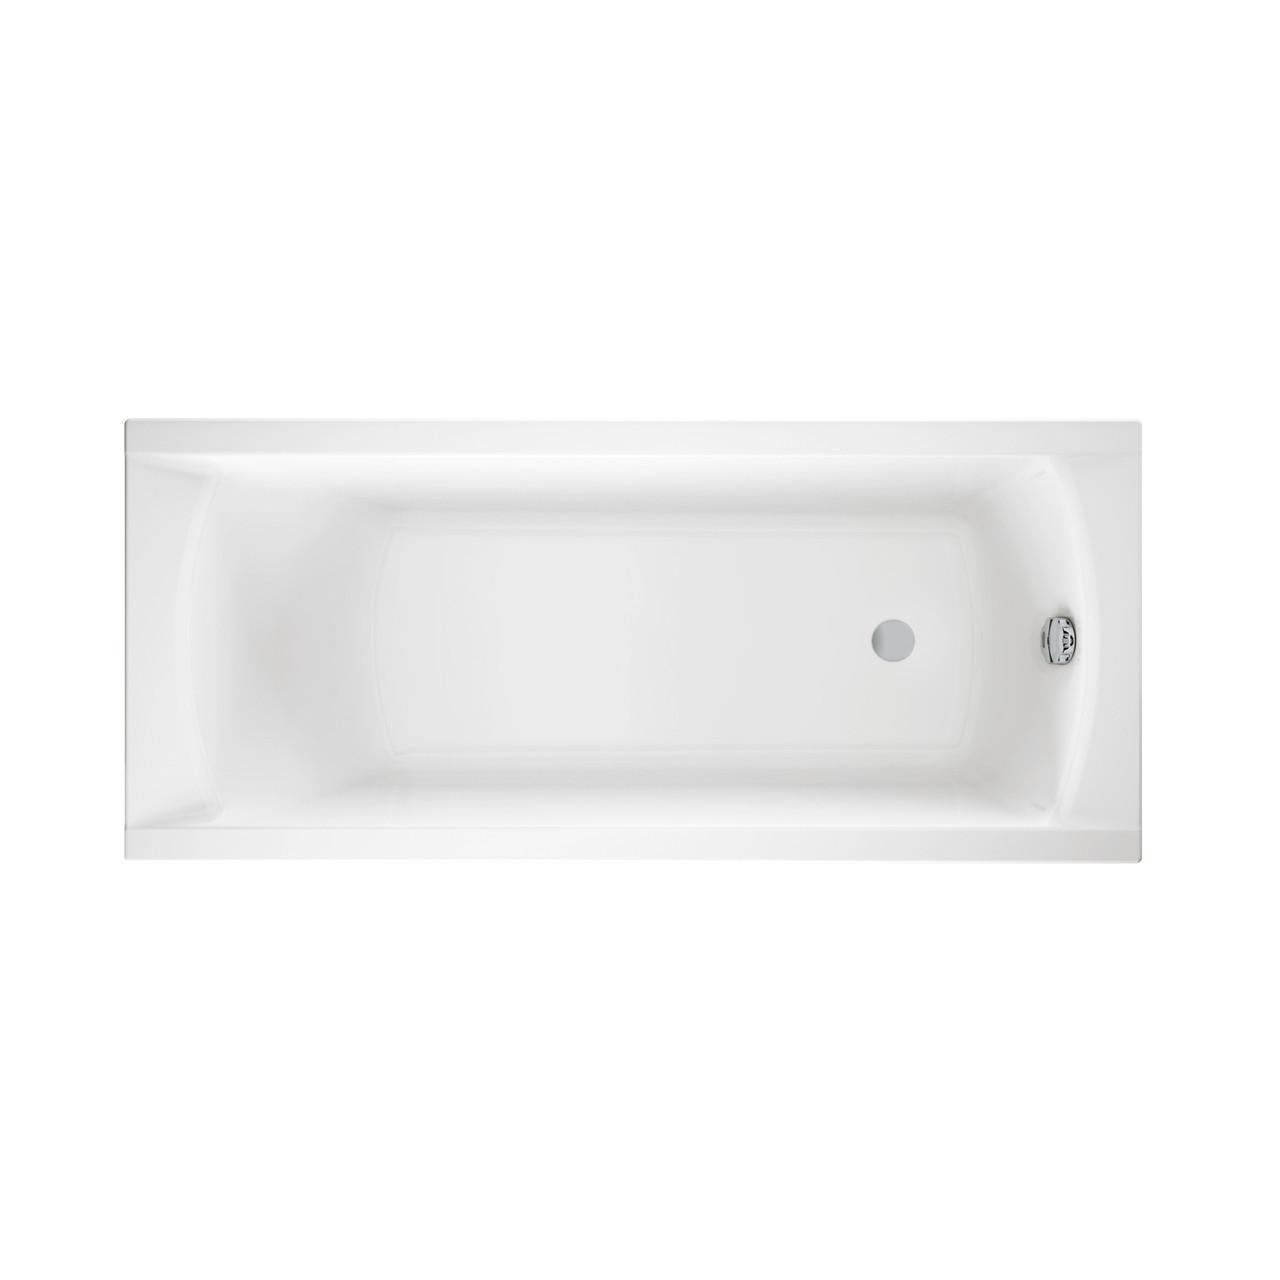 Ванна Cersanit Korat 160х70 з ніжками